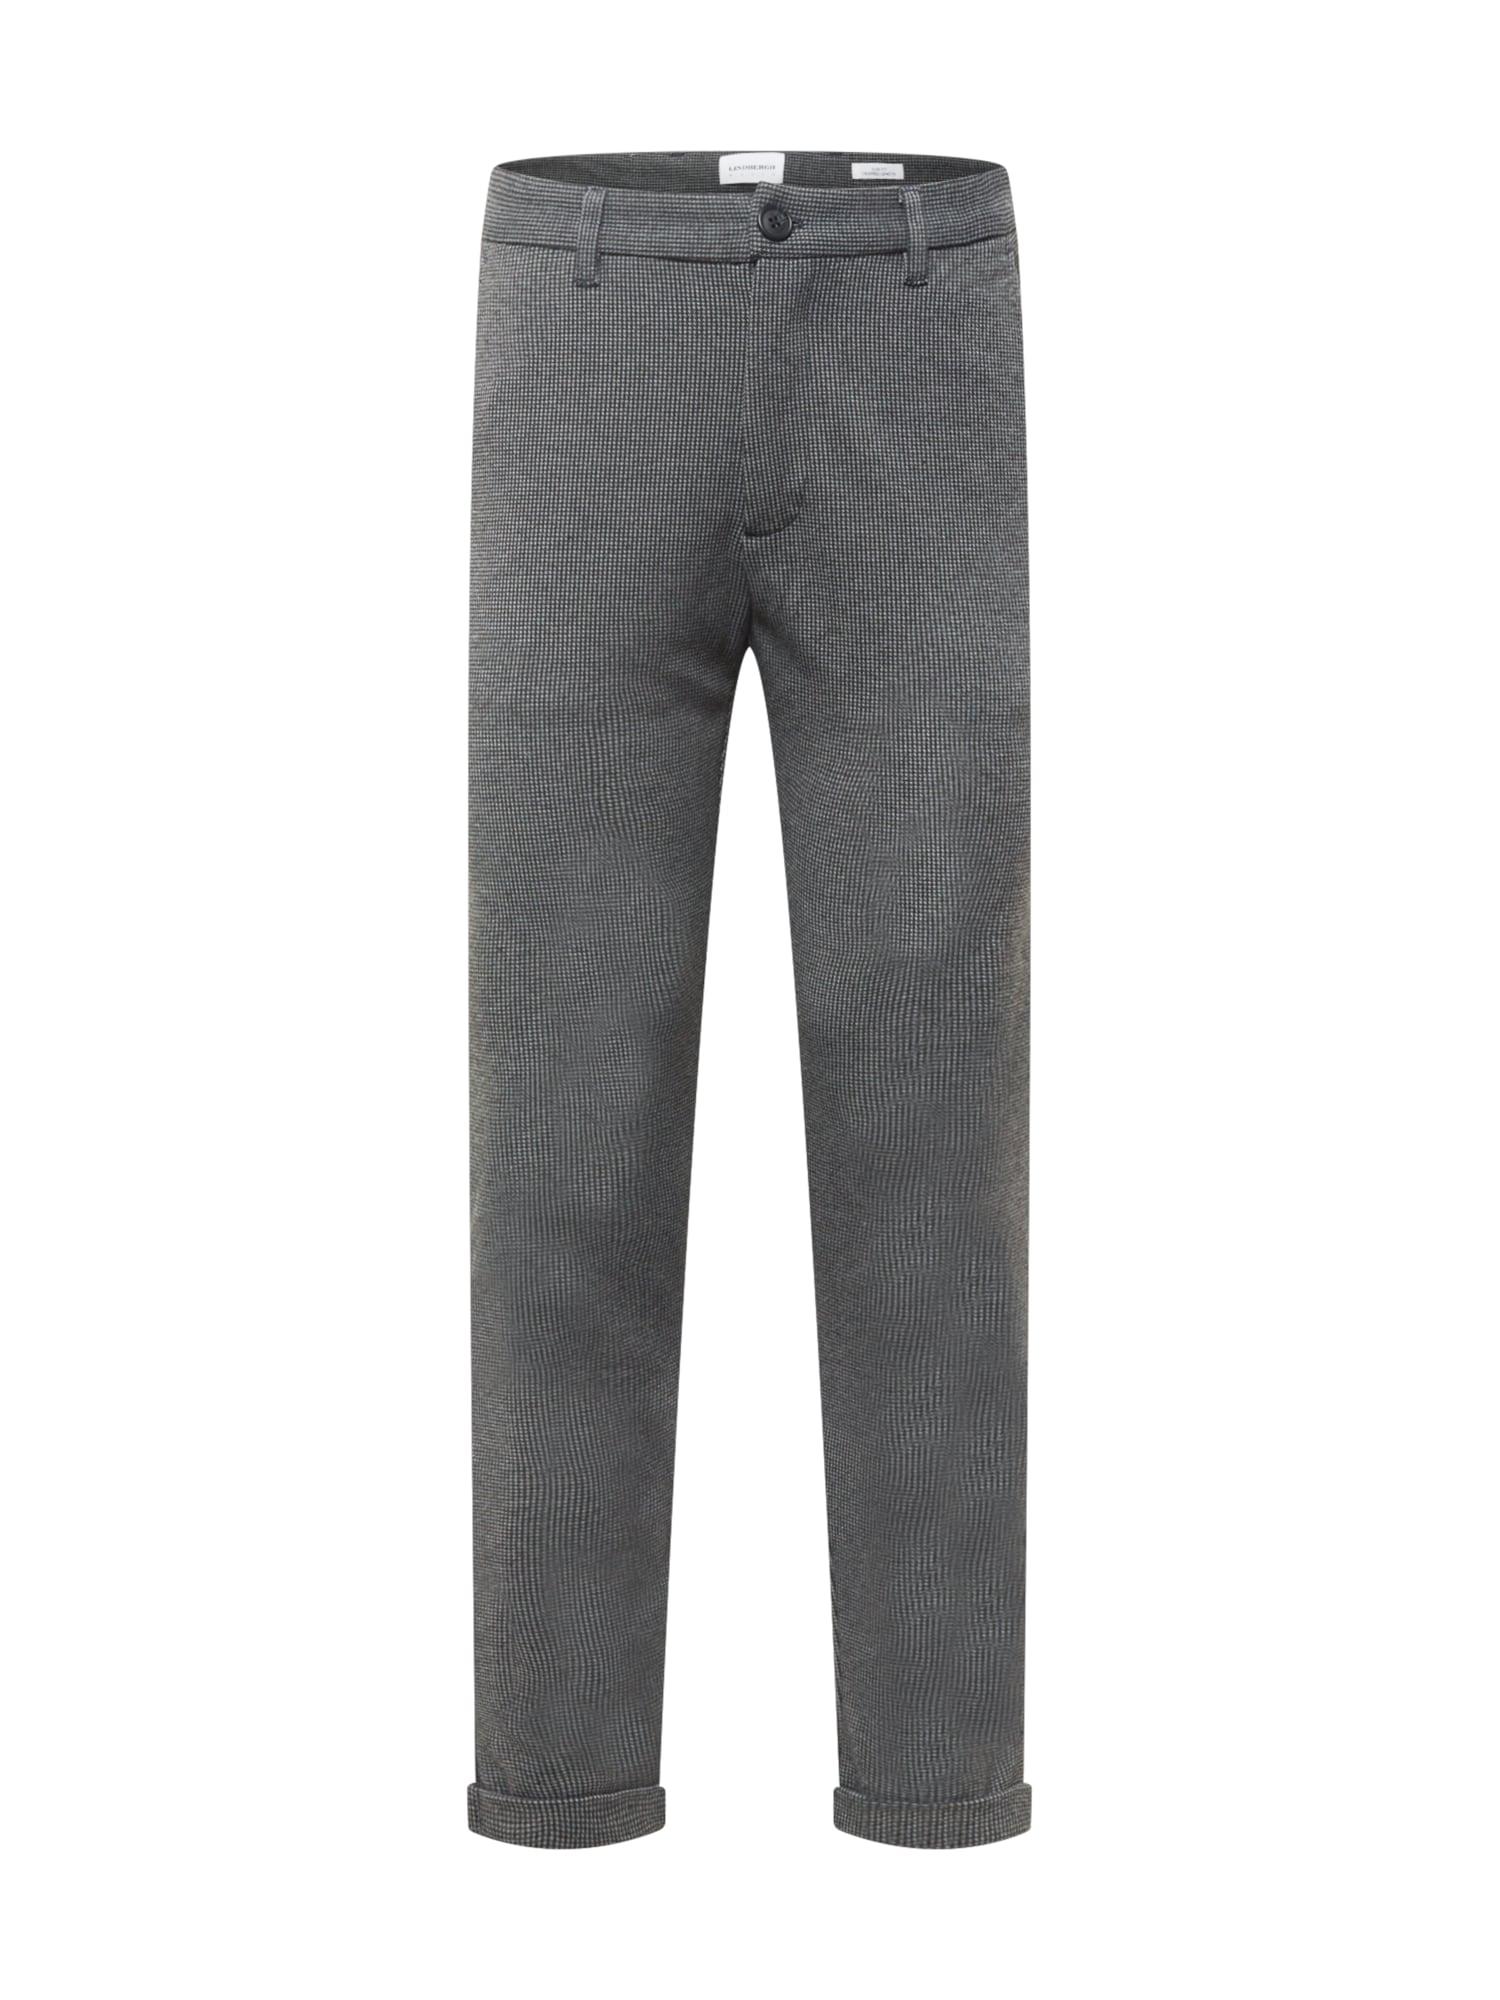 Lindbergh Kalhoty 'Gingham'  tmavě šedá / světle šedá